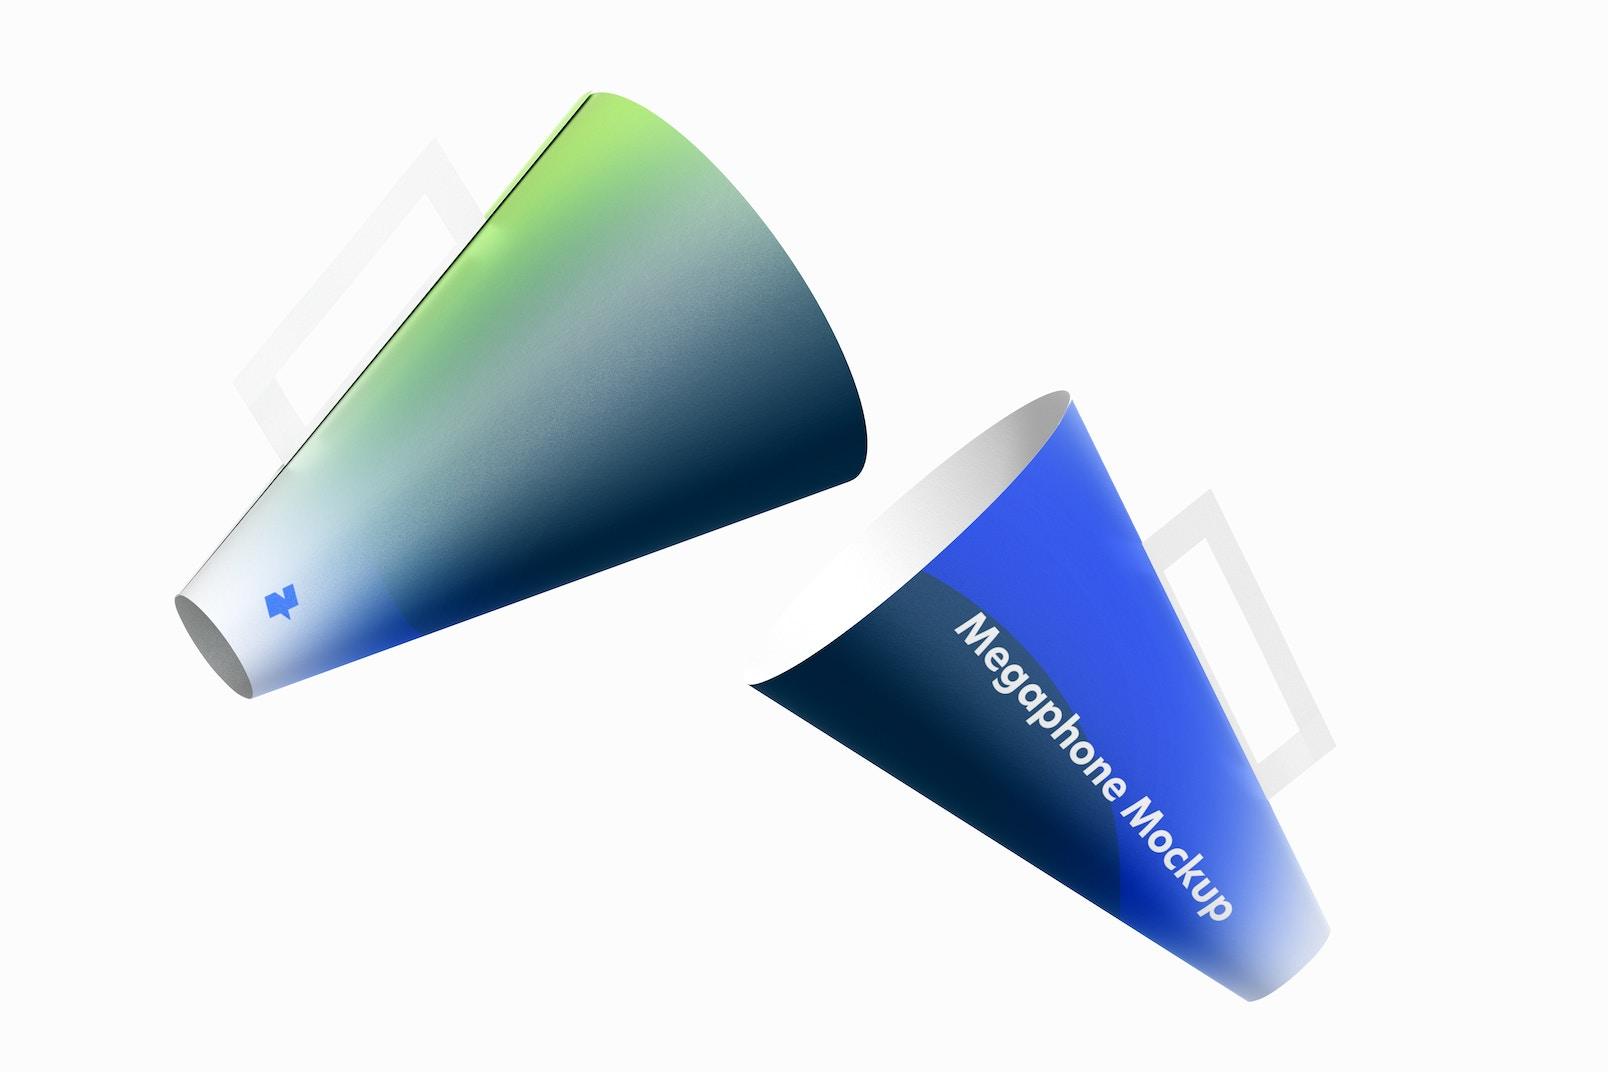 Paper Megaphones Mockup, Floating